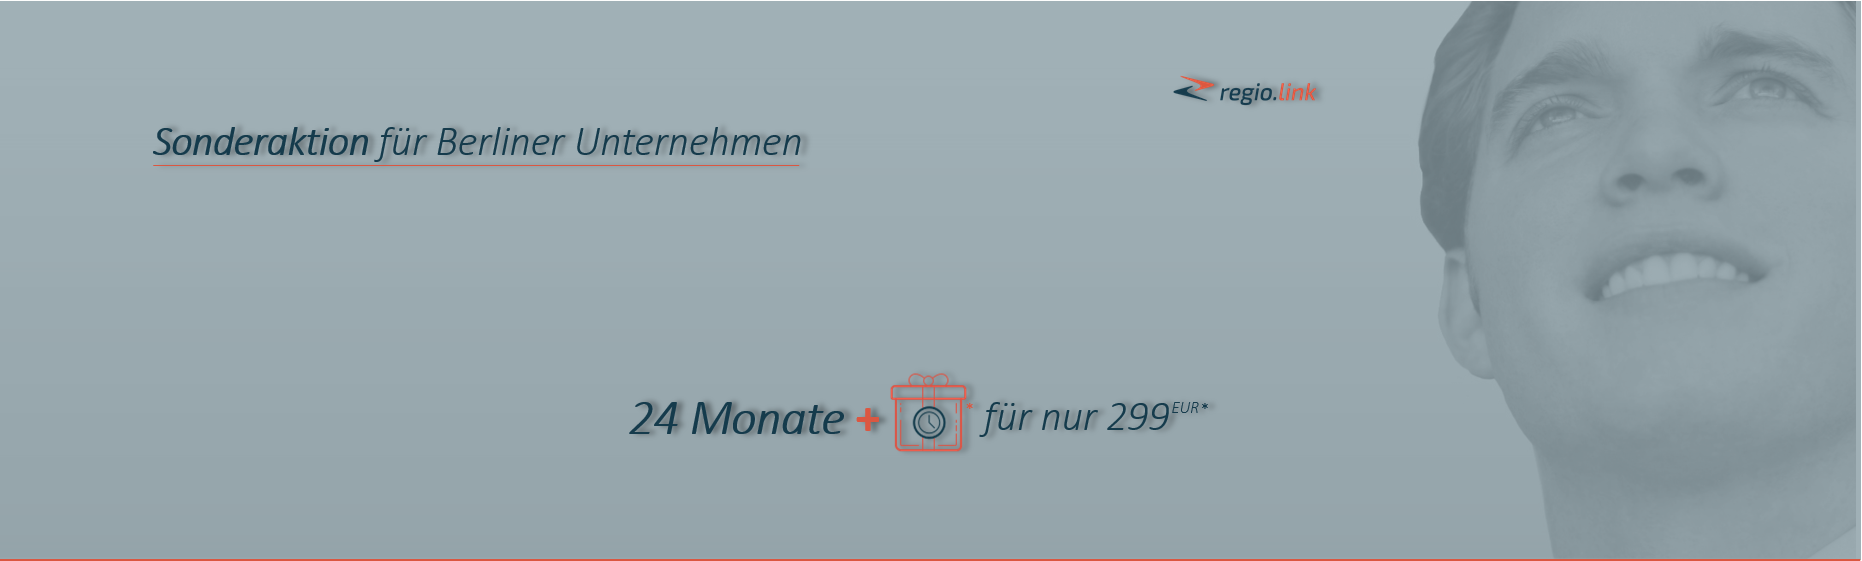 Berliner Unternehmen präsentieren sich effektvoll